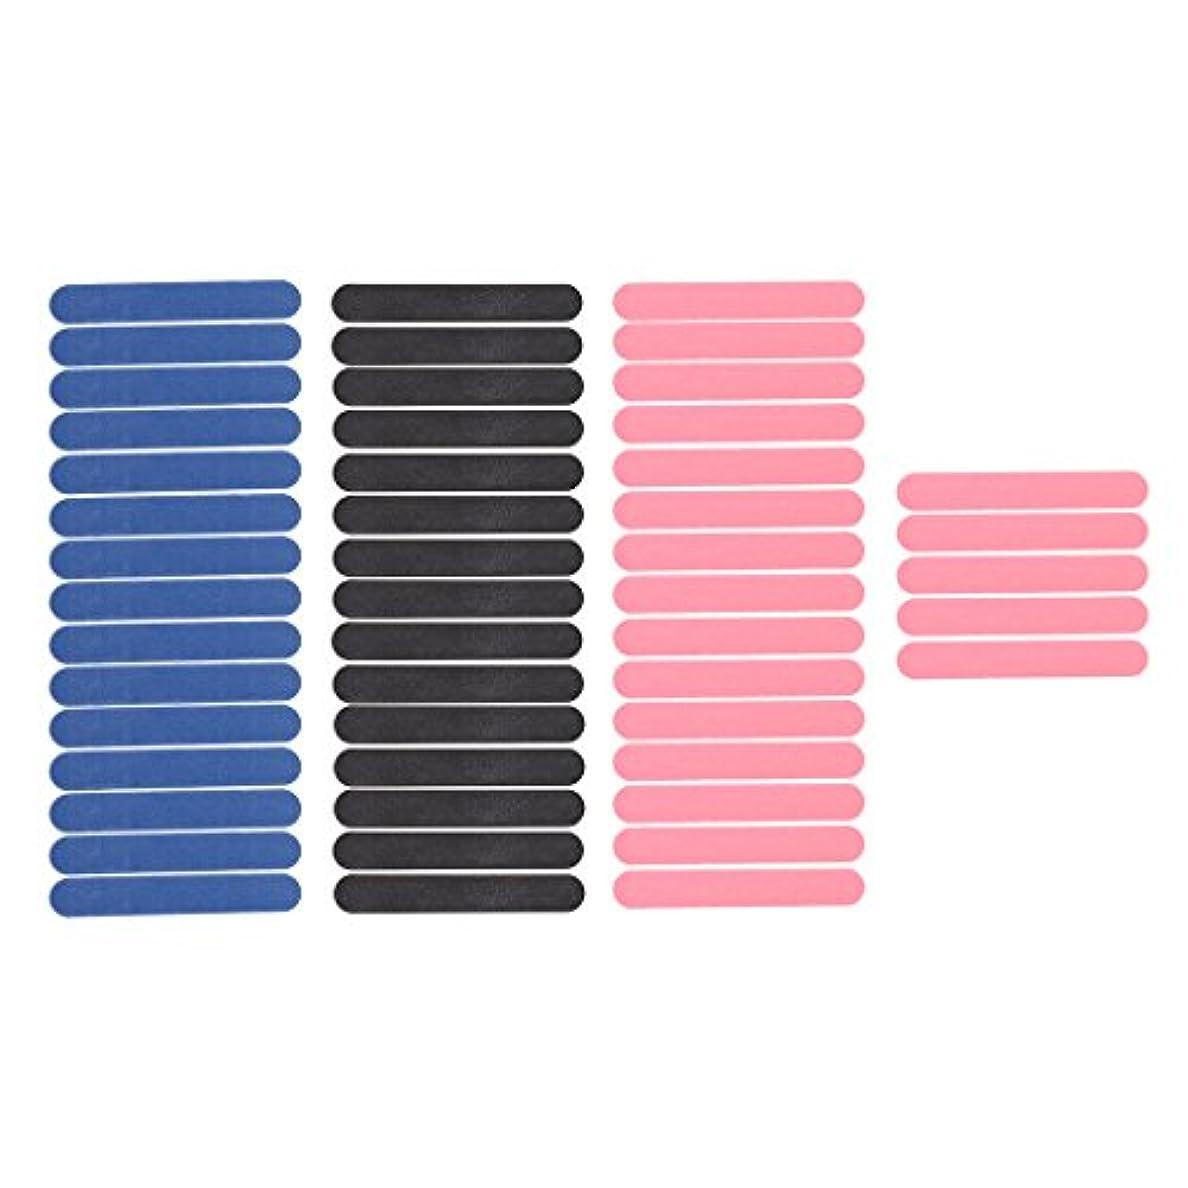 シニスアデレード楽なKOZEEY 約50個 ネイルファイル ミニ 両面 ネイル ファイル マニキュア プロ ネイルサロン ネイルトリートメント サンドペーパー ネイル道具